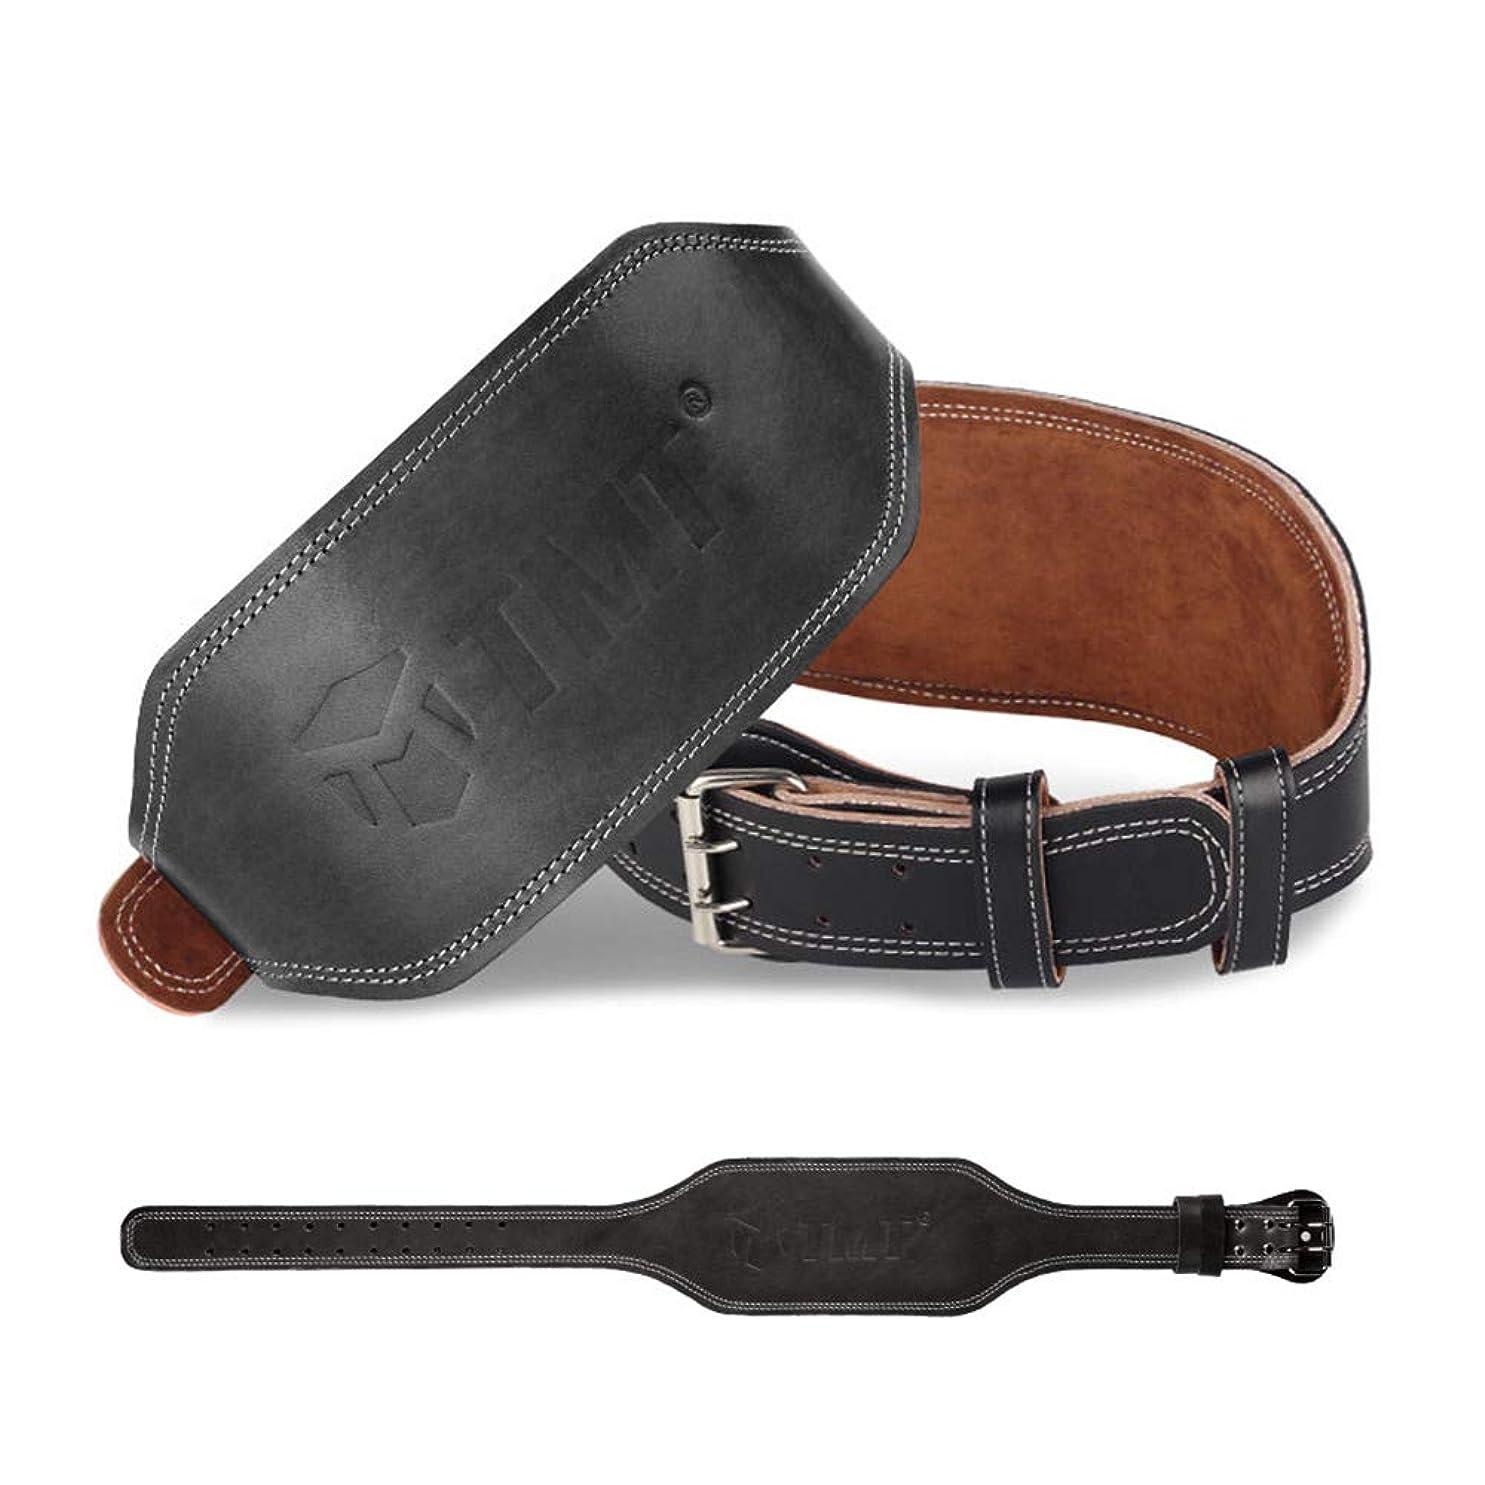 加入呪われた性能TMT ウェイトトレーニング レザーベルト 腰サポーター 高級感 装備 腰保護 腰ベルトスクワット パワーリフティング ベンチプレス デッドリフト トレーニング用道具 男女兼用